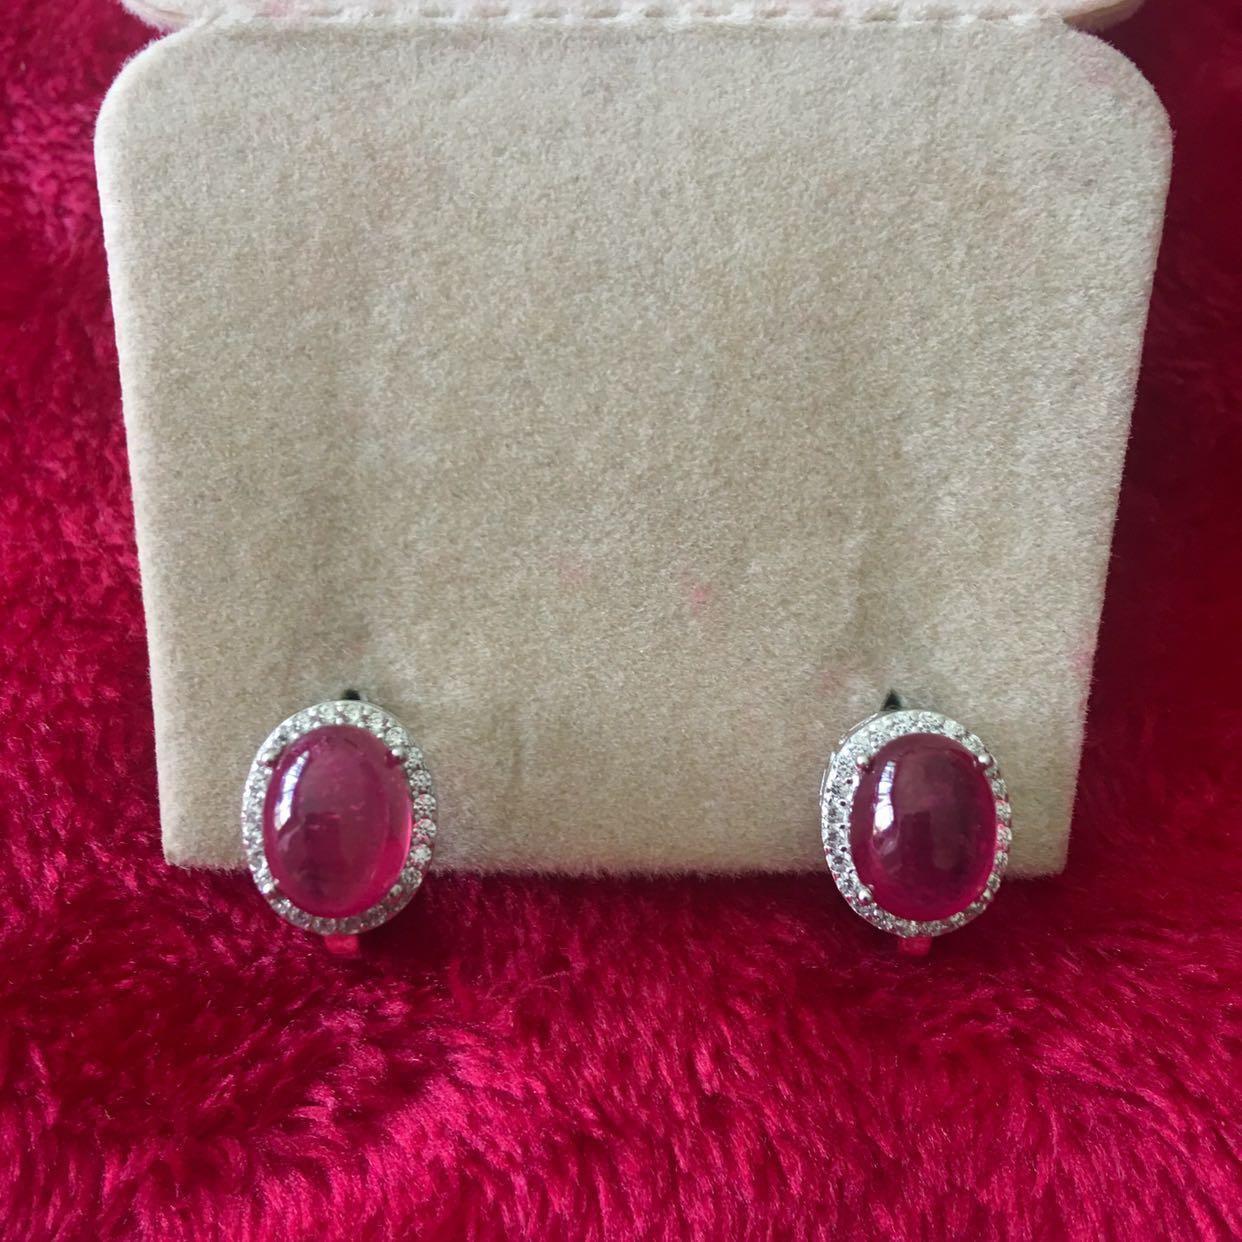 DAINTY!! Oval cabochon Ruby earrings